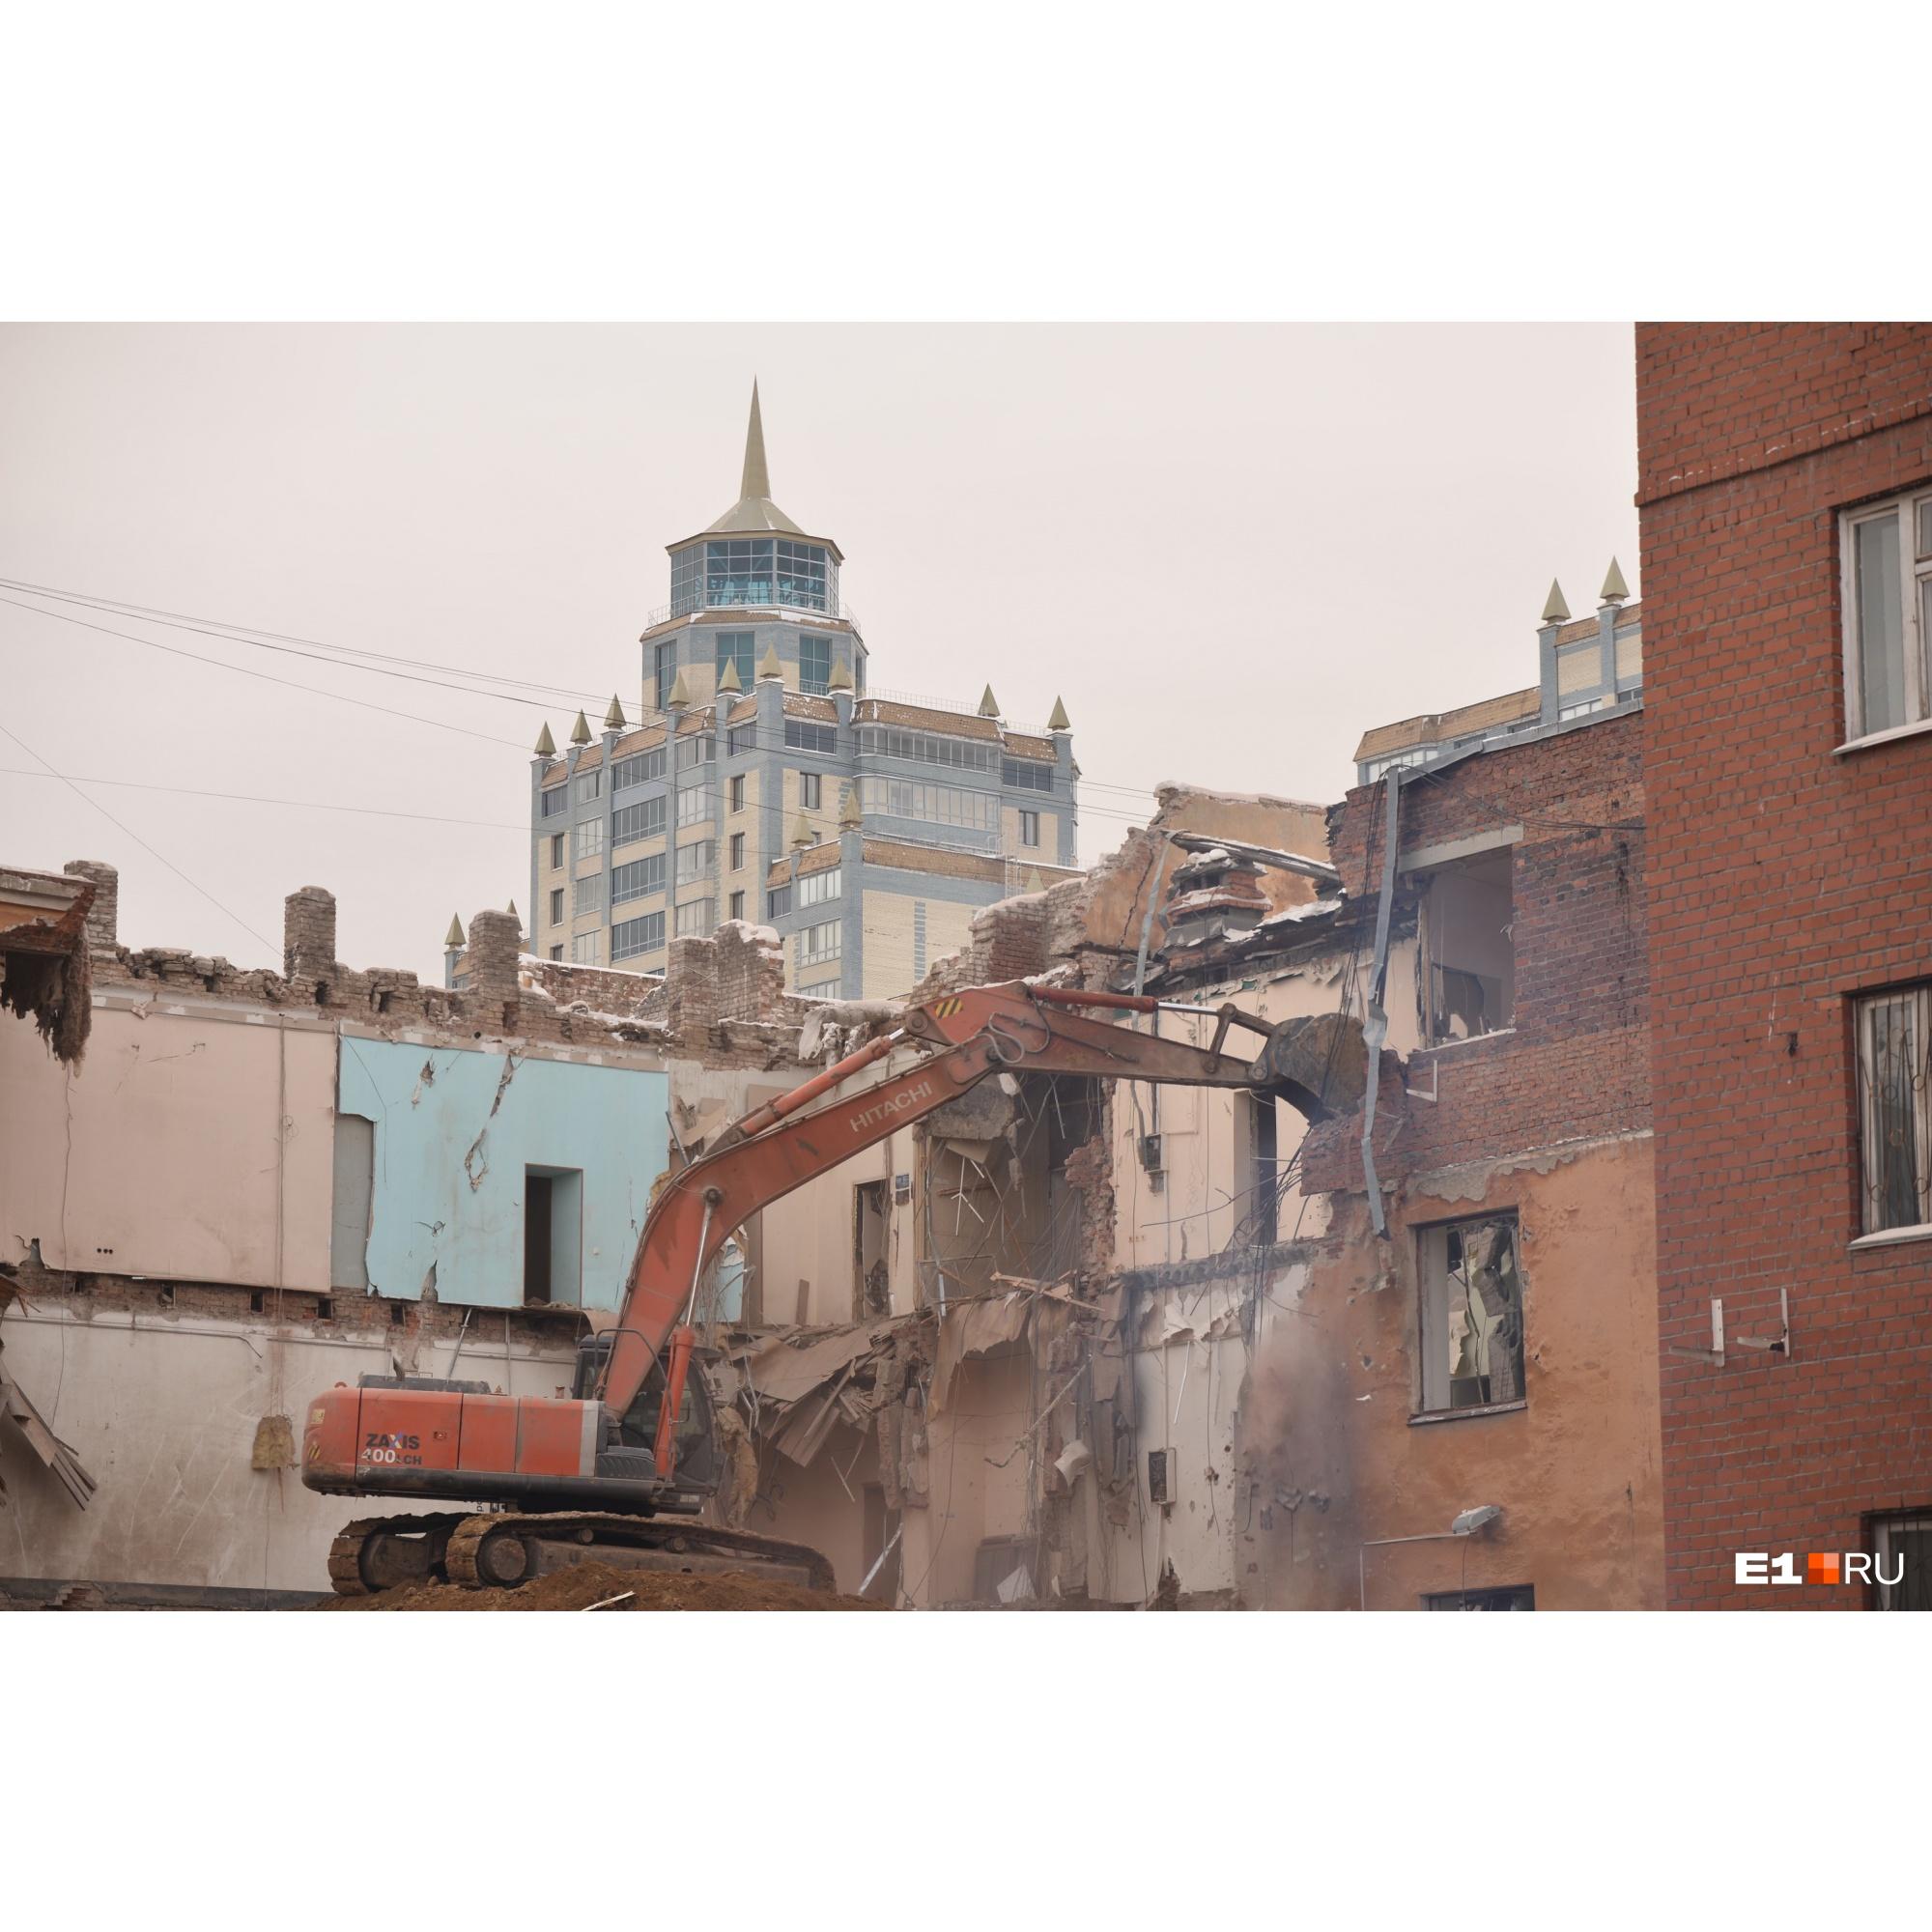 В корпорации «Маяк», которой принадлежит здание, говорят, что оно находилось в аварийном состоянии и спасти его было нельзя